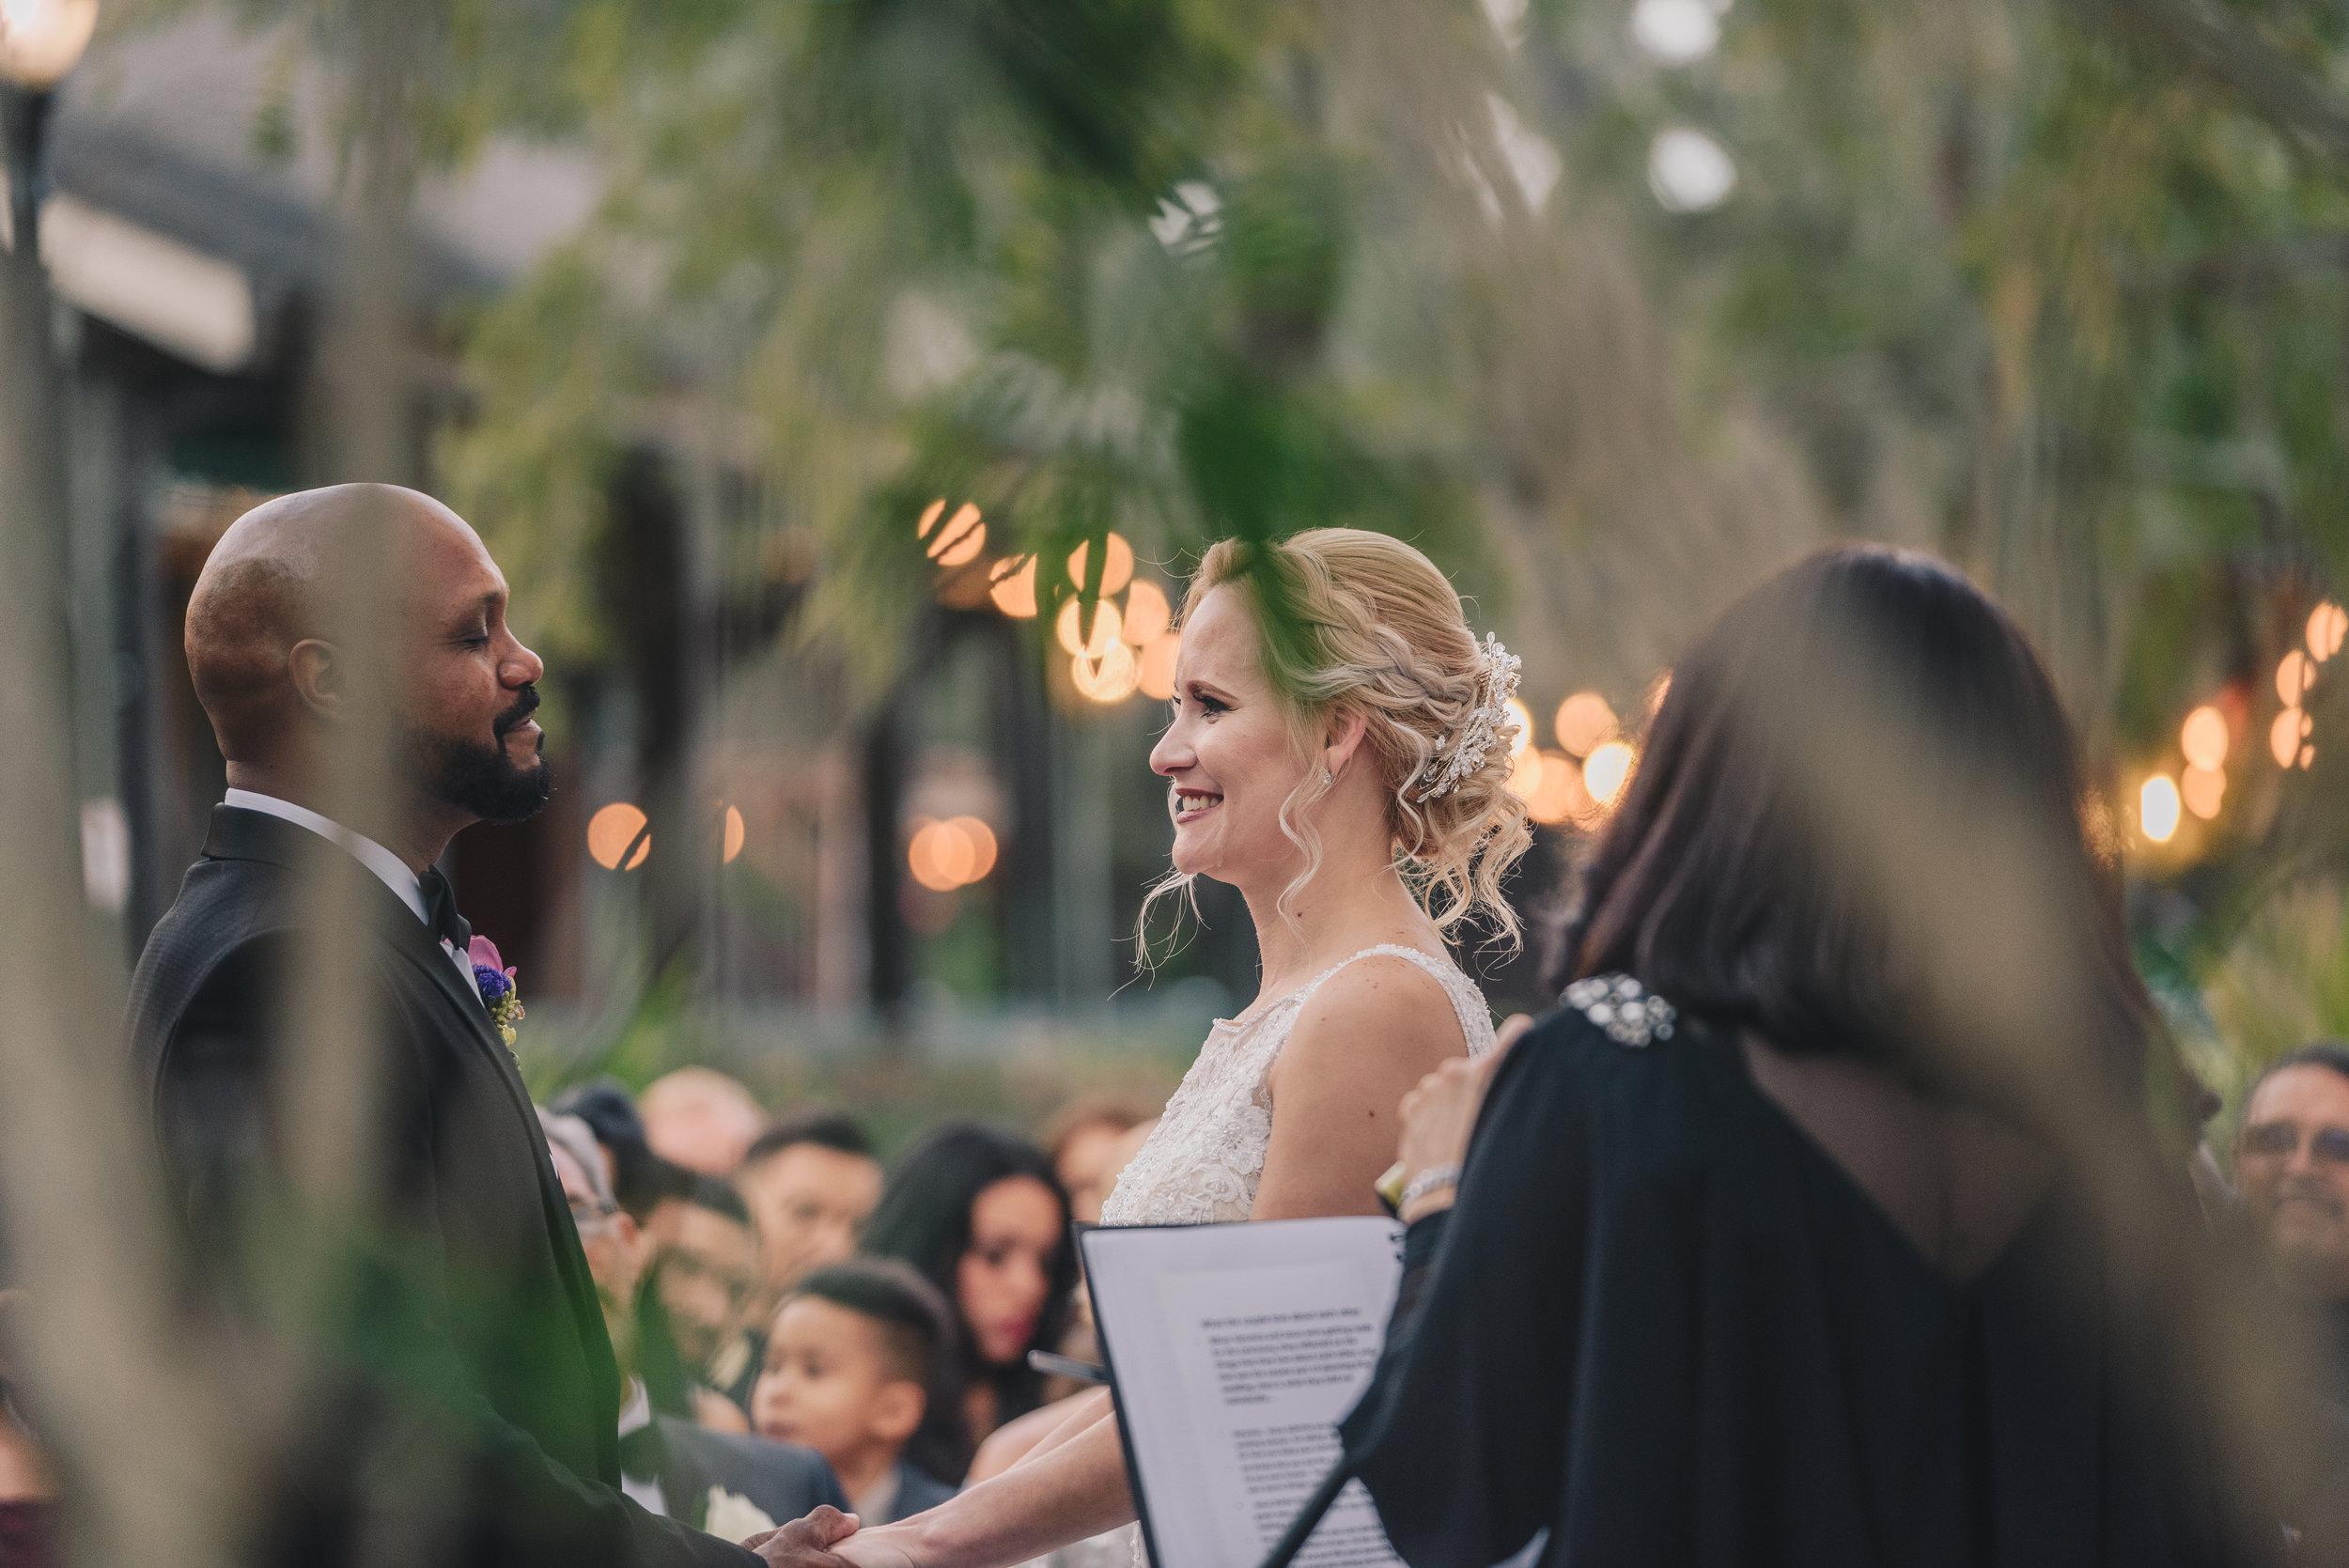 Los-Vargas-Photo-Wedding-Historic-Dubsdread-Ballroom-8379.jpg